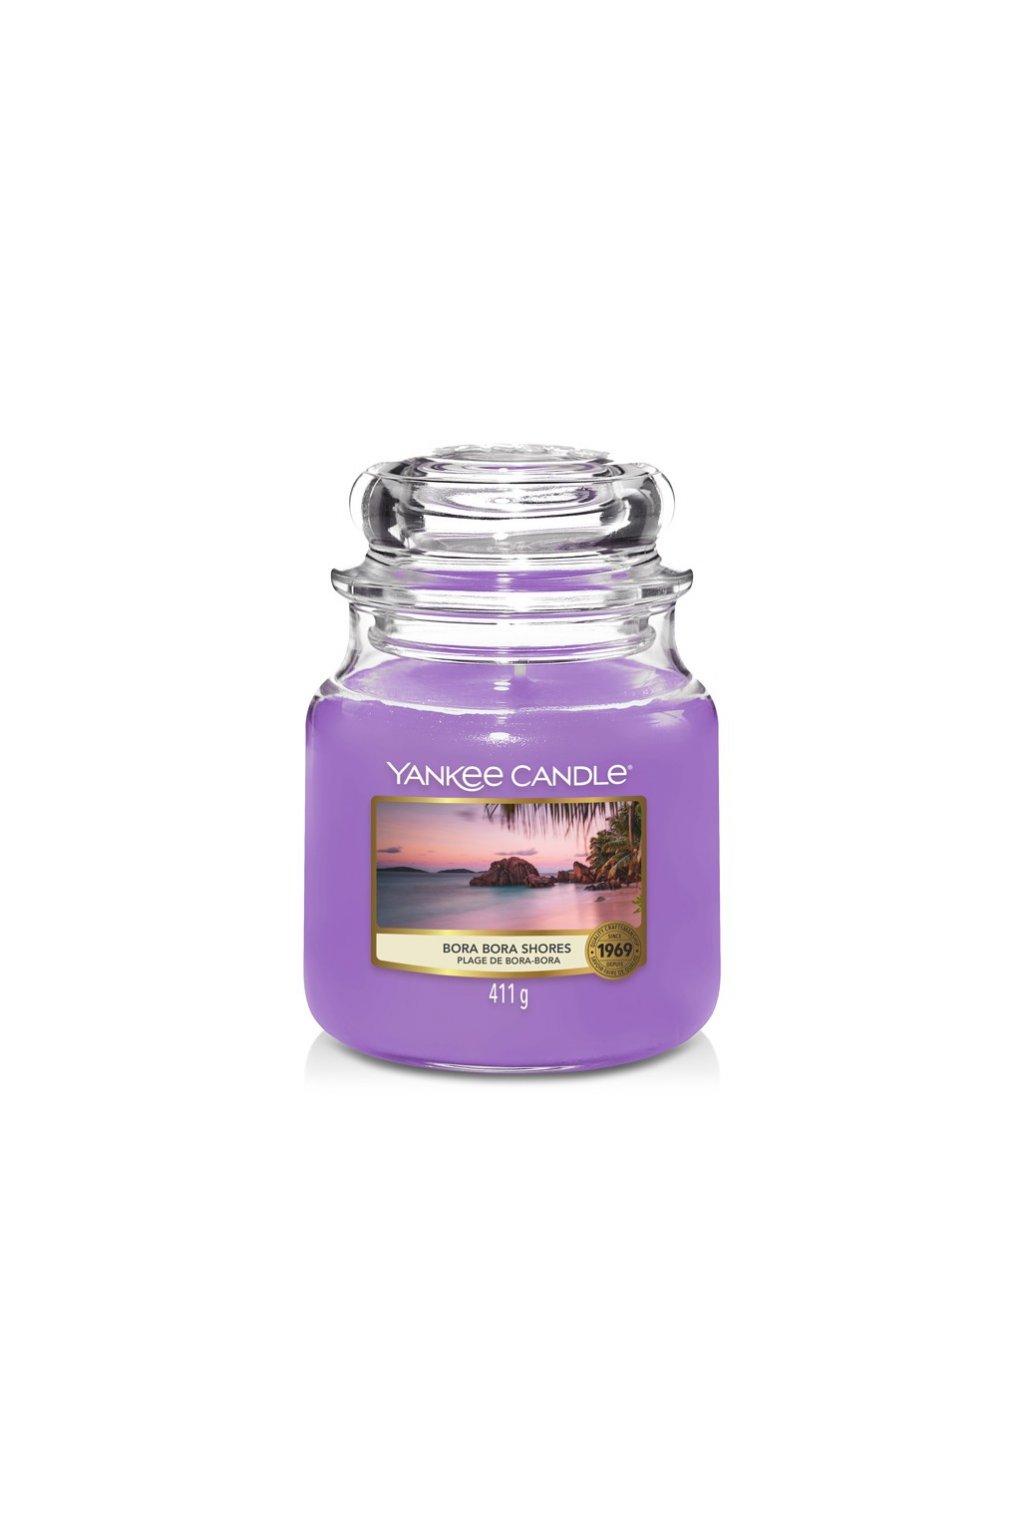 Yankee Candle Bora Bora 411g